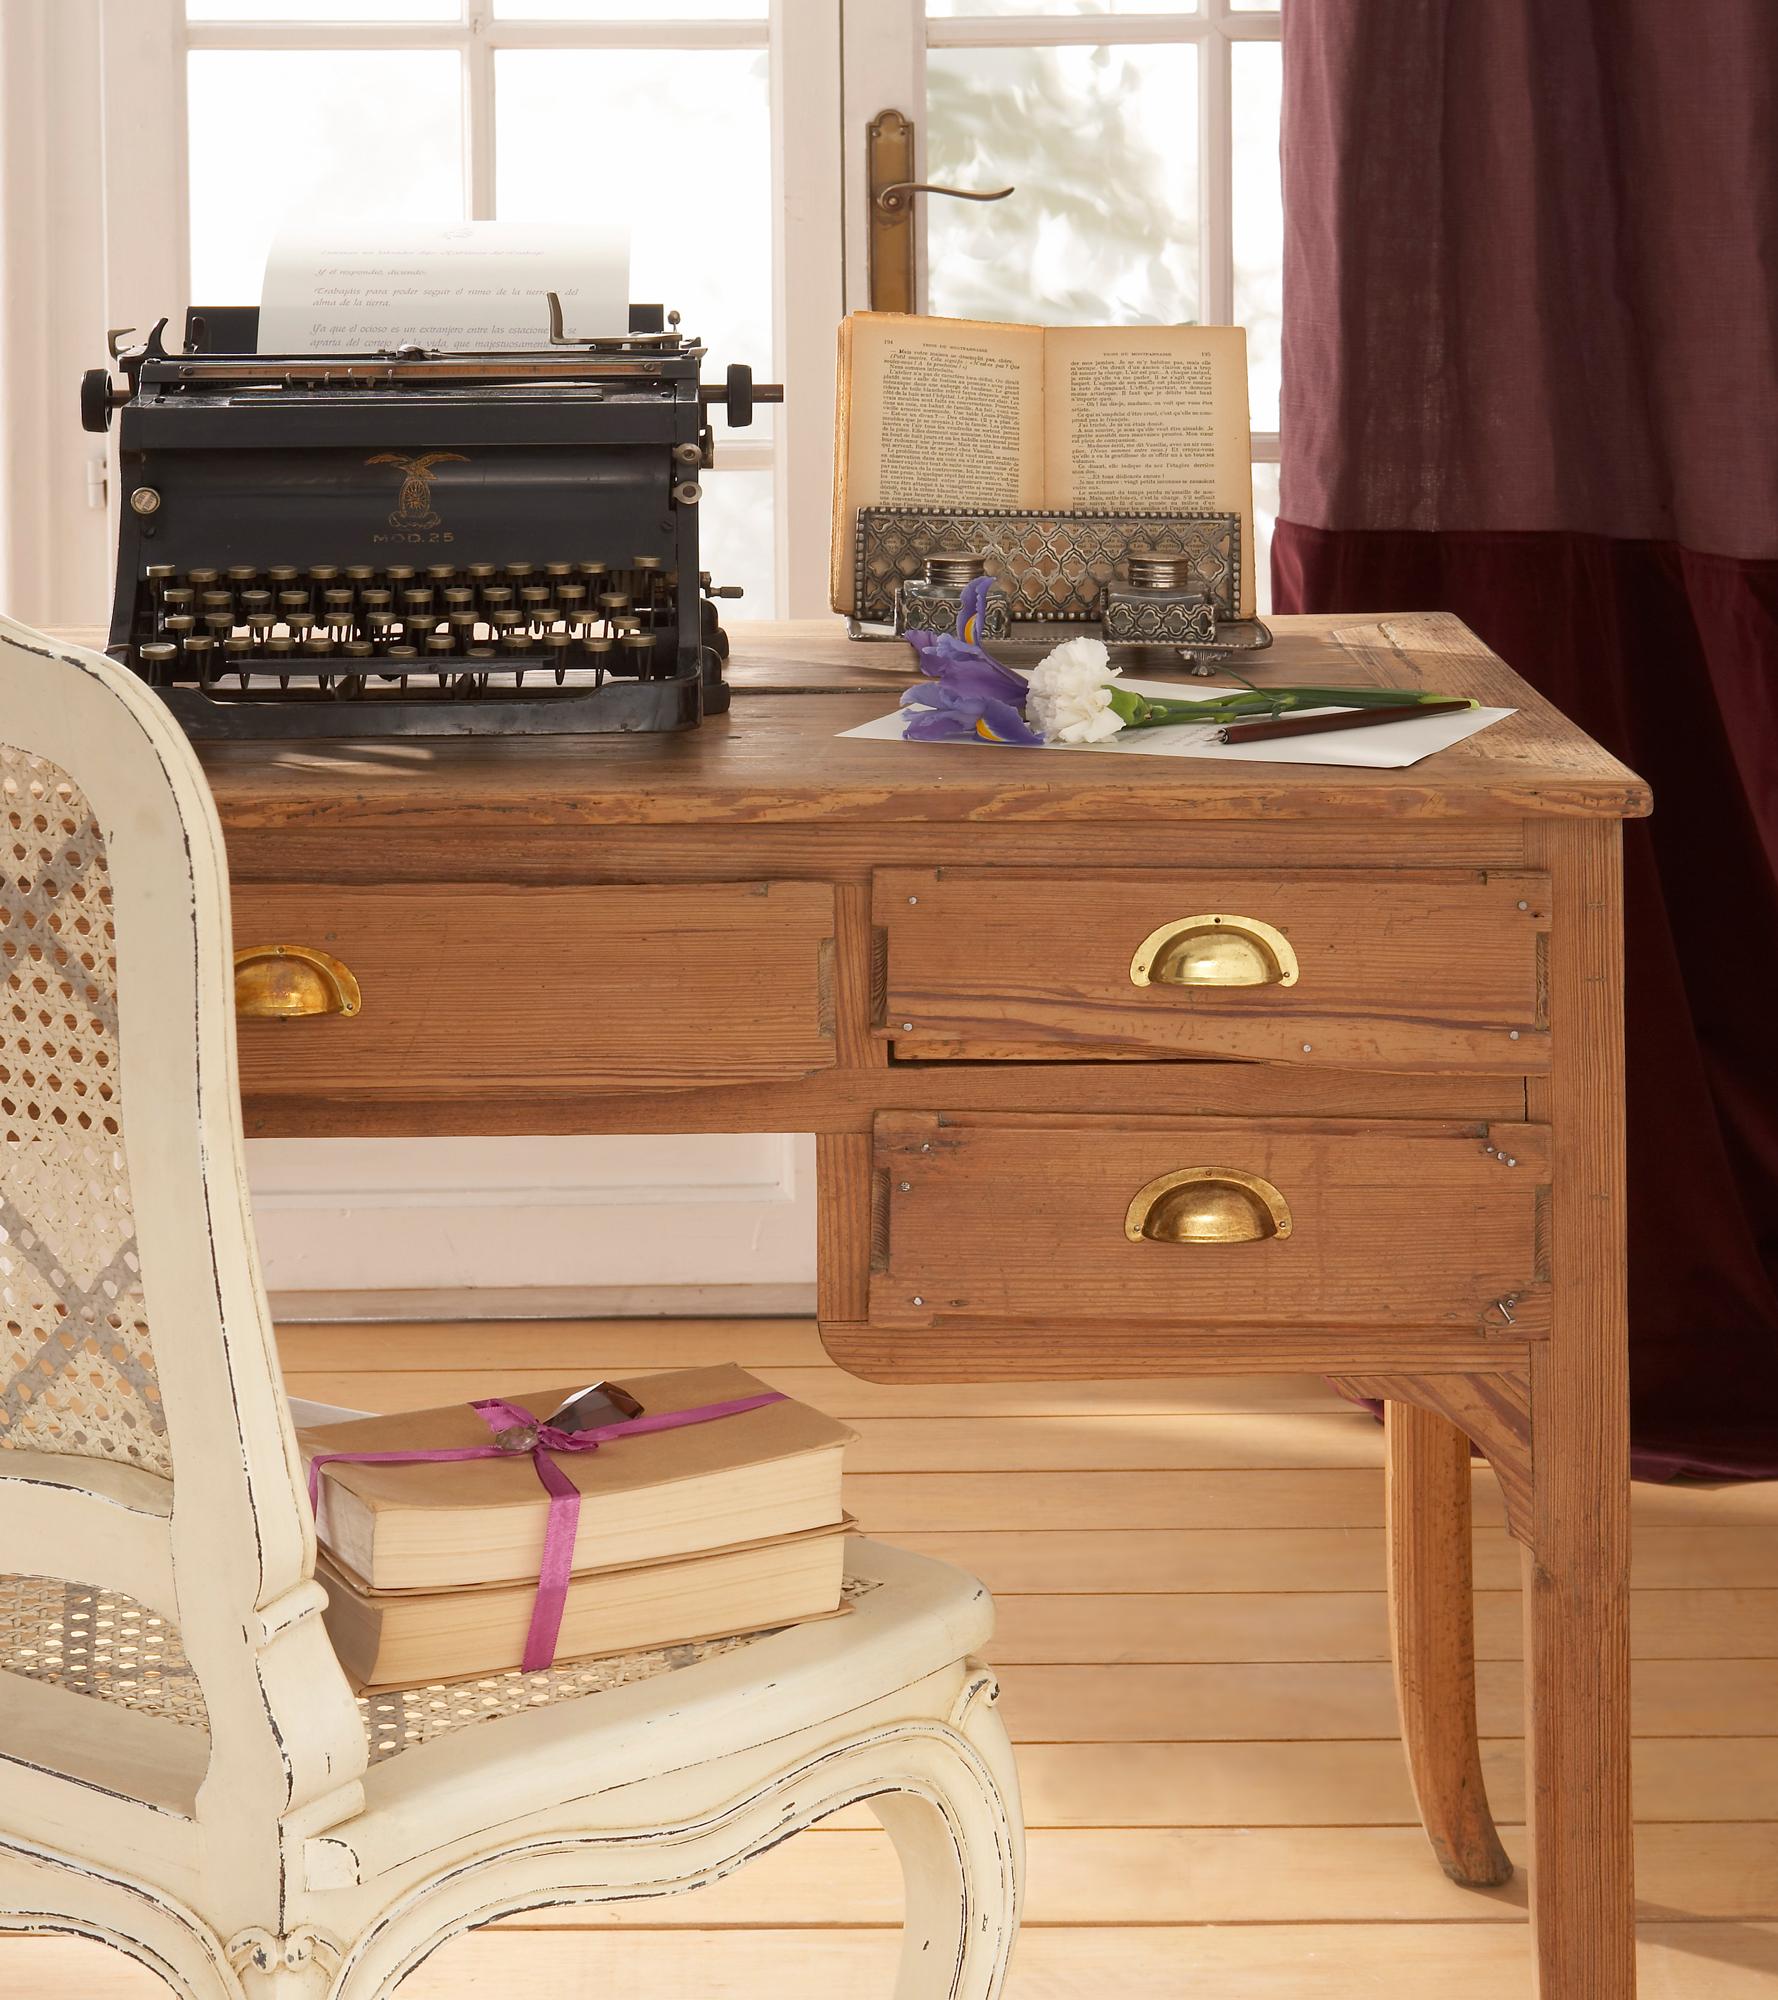 17 00213692 O. Escritorio de madera con una máquina de escribir encima y una silla blanca de fibra_17 00213692 O